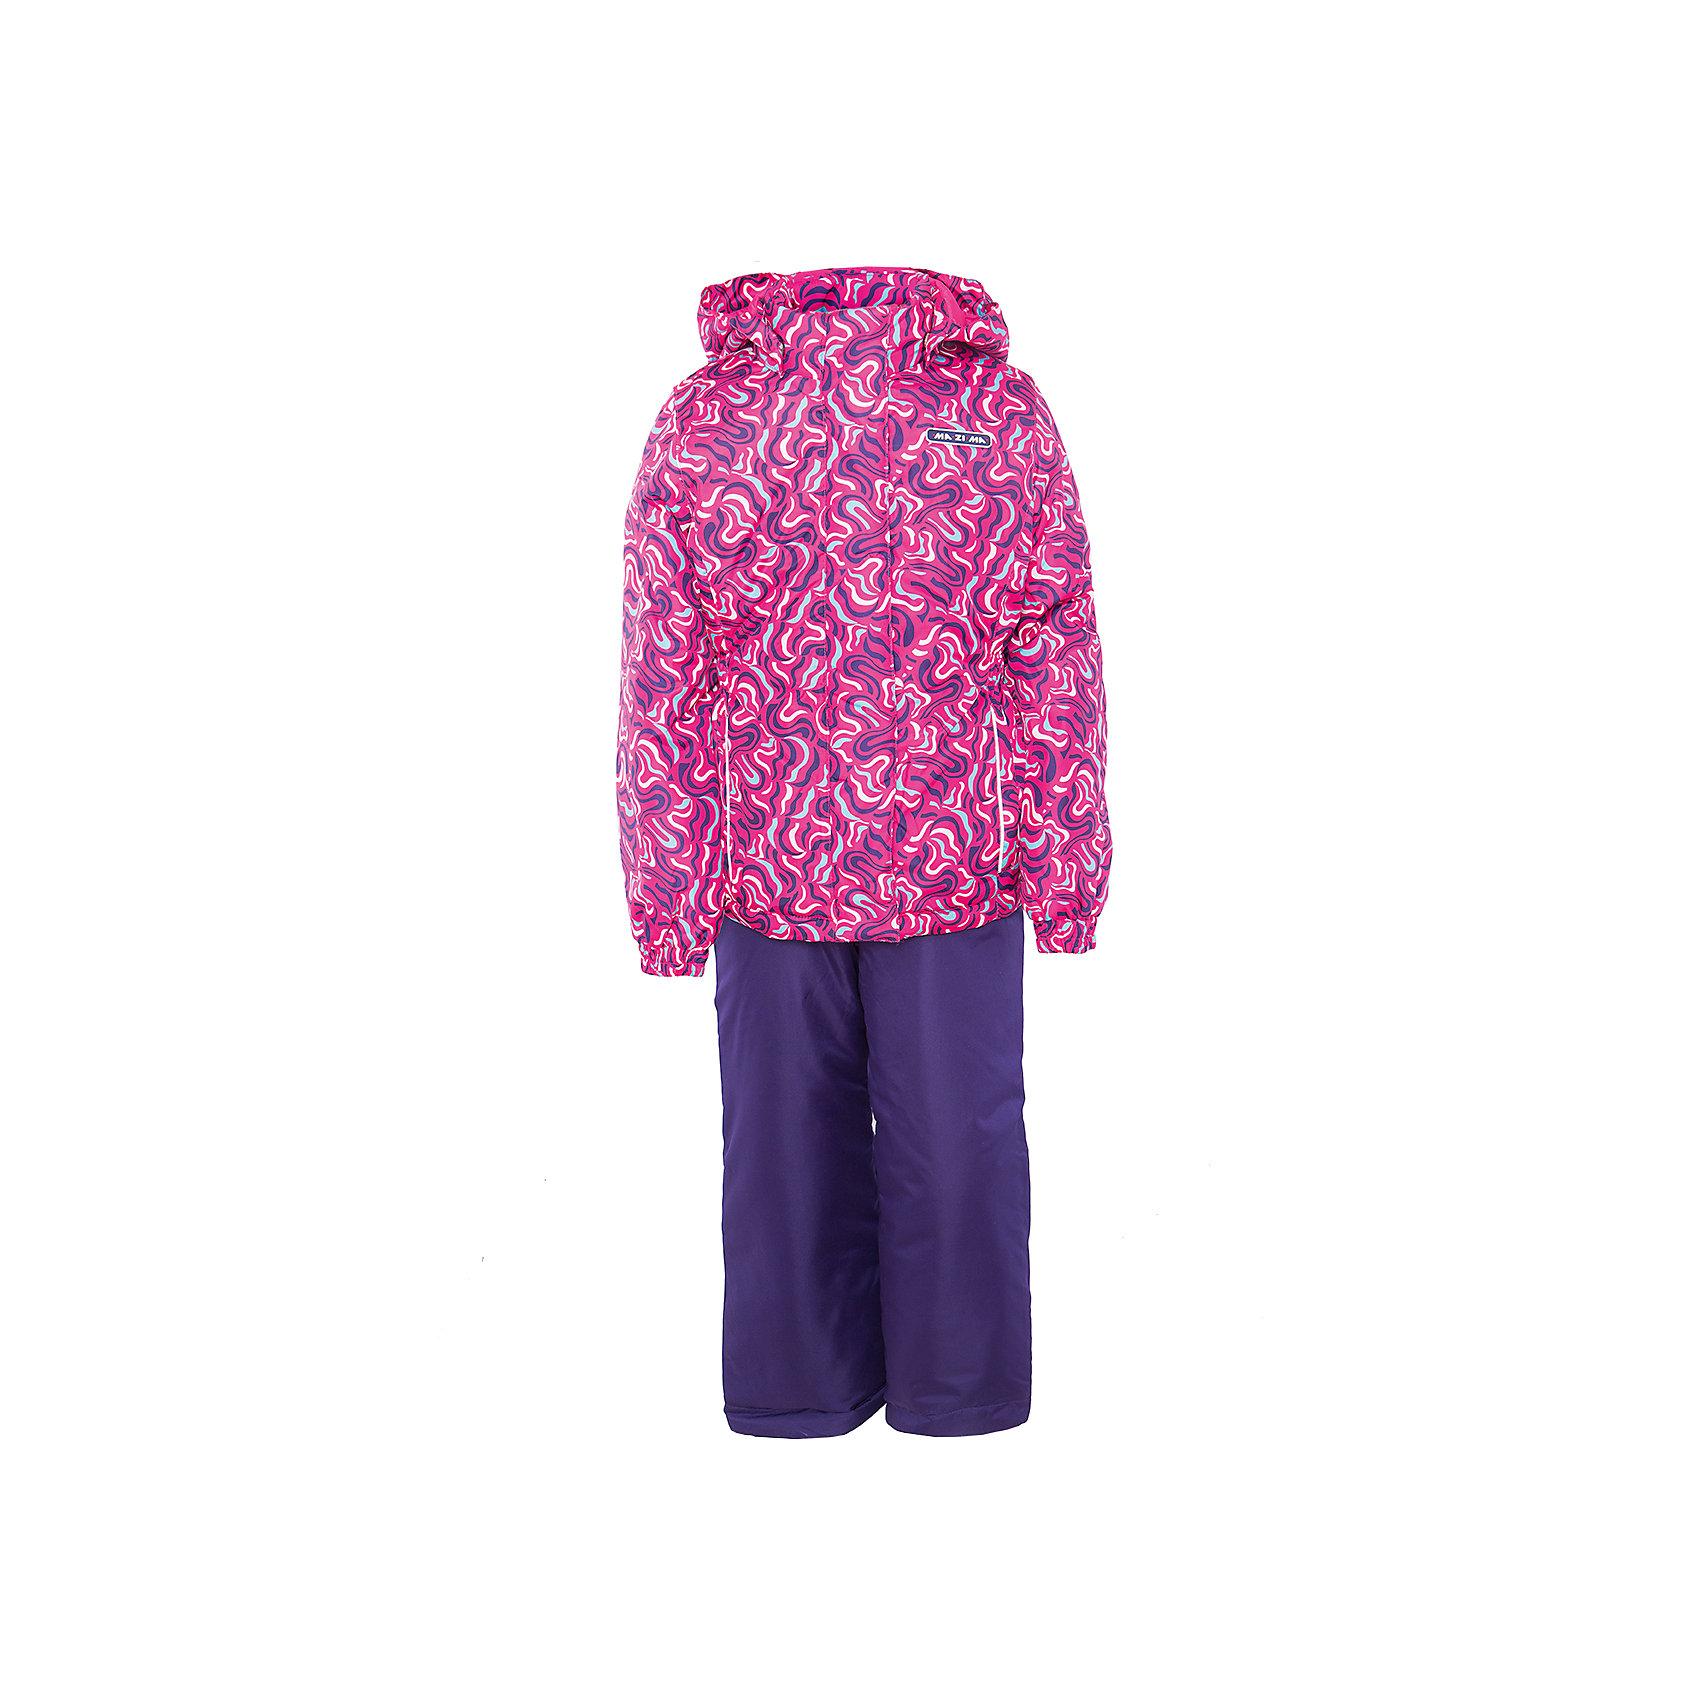 Комплект: куртка и полукомбинезон для девочки Ma-Zi-MaХарактеристики товара:<br><br>• цвет: розовый/фиолетовый<br>• состав: полиэстер 3000мм/3000г/м2/24h<br>• подкладка: Taffeta <br>• утеплитель - полиэстер (120г/м2)<br>• светоотражающие элементы<br>• температурный режим: от -5°С до +10°С<br>• застежка - молния<br>• капюшон съемный<br>• принт<br>• ветронепроницаемый, водо- и грязеотталкивающий и дышащий материал<br>• эластичные манжеты<br>• регулируемые подтяжки<br>• комфортная посадка<br>• страна бренда: Российская Федерация<br><br>Демисезонный комплект из куртки и брюк - универсальный вариант и для прохладной осени, и для первых заморозков. Эта модель - модная и удобная одновременно! Куртка отличается стильным ярким дизайном. Комплект хорошо сидит по фигуре, отлично сочетается с различной обувью. Вещь была разработана специально для детей.<br><br>Одежда от российского бренда Ma-Zi-Ma создается при участии канадских специалистов. Она уже завоевала популярностью у многих детей и их родителей. Вещи, выпускаемые компанией, качественные, продуманные и очень удобные. Для производства коллекций используются только безопасные для детей материалы.<br><br>Комплект: куртка и полукомбинезон для девочки от бренда Ma-Zi-Ma можно купить в нашем интернет-магазине.<br><br>Ширина мм: 356<br>Глубина мм: 10<br>Высота мм: 245<br>Вес г: 519<br>Цвет: розовый<br>Возраст от месяцев: 18<br>Возраст до месяцев: 24<br>Пол: Женский<br>Возраст: Детский<br>Размер: 92,152,98,104,110,116,122,128,134,140,146<br>SKU: 5383951